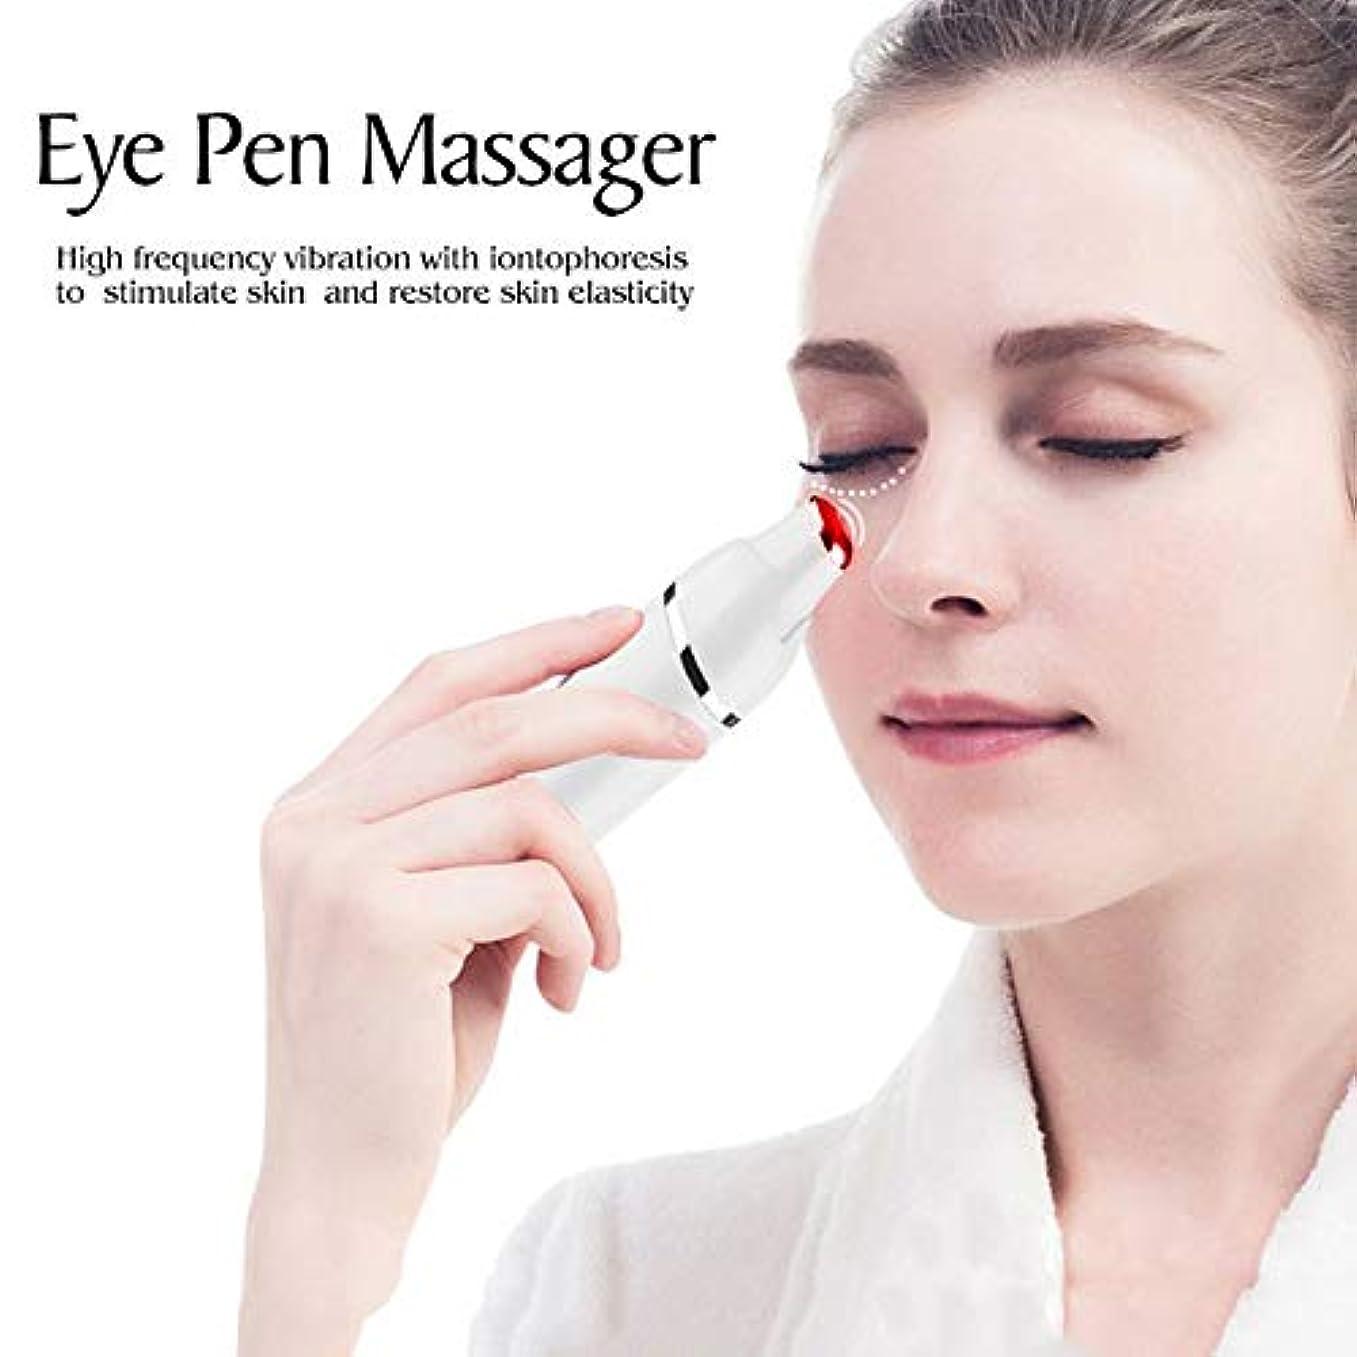 四回公使館あいまいソニックアイマッサージャー、目の疲れのための42℃加熱治療用ワンド、アイクリームを効果的に促進するためのアニオンの輸入